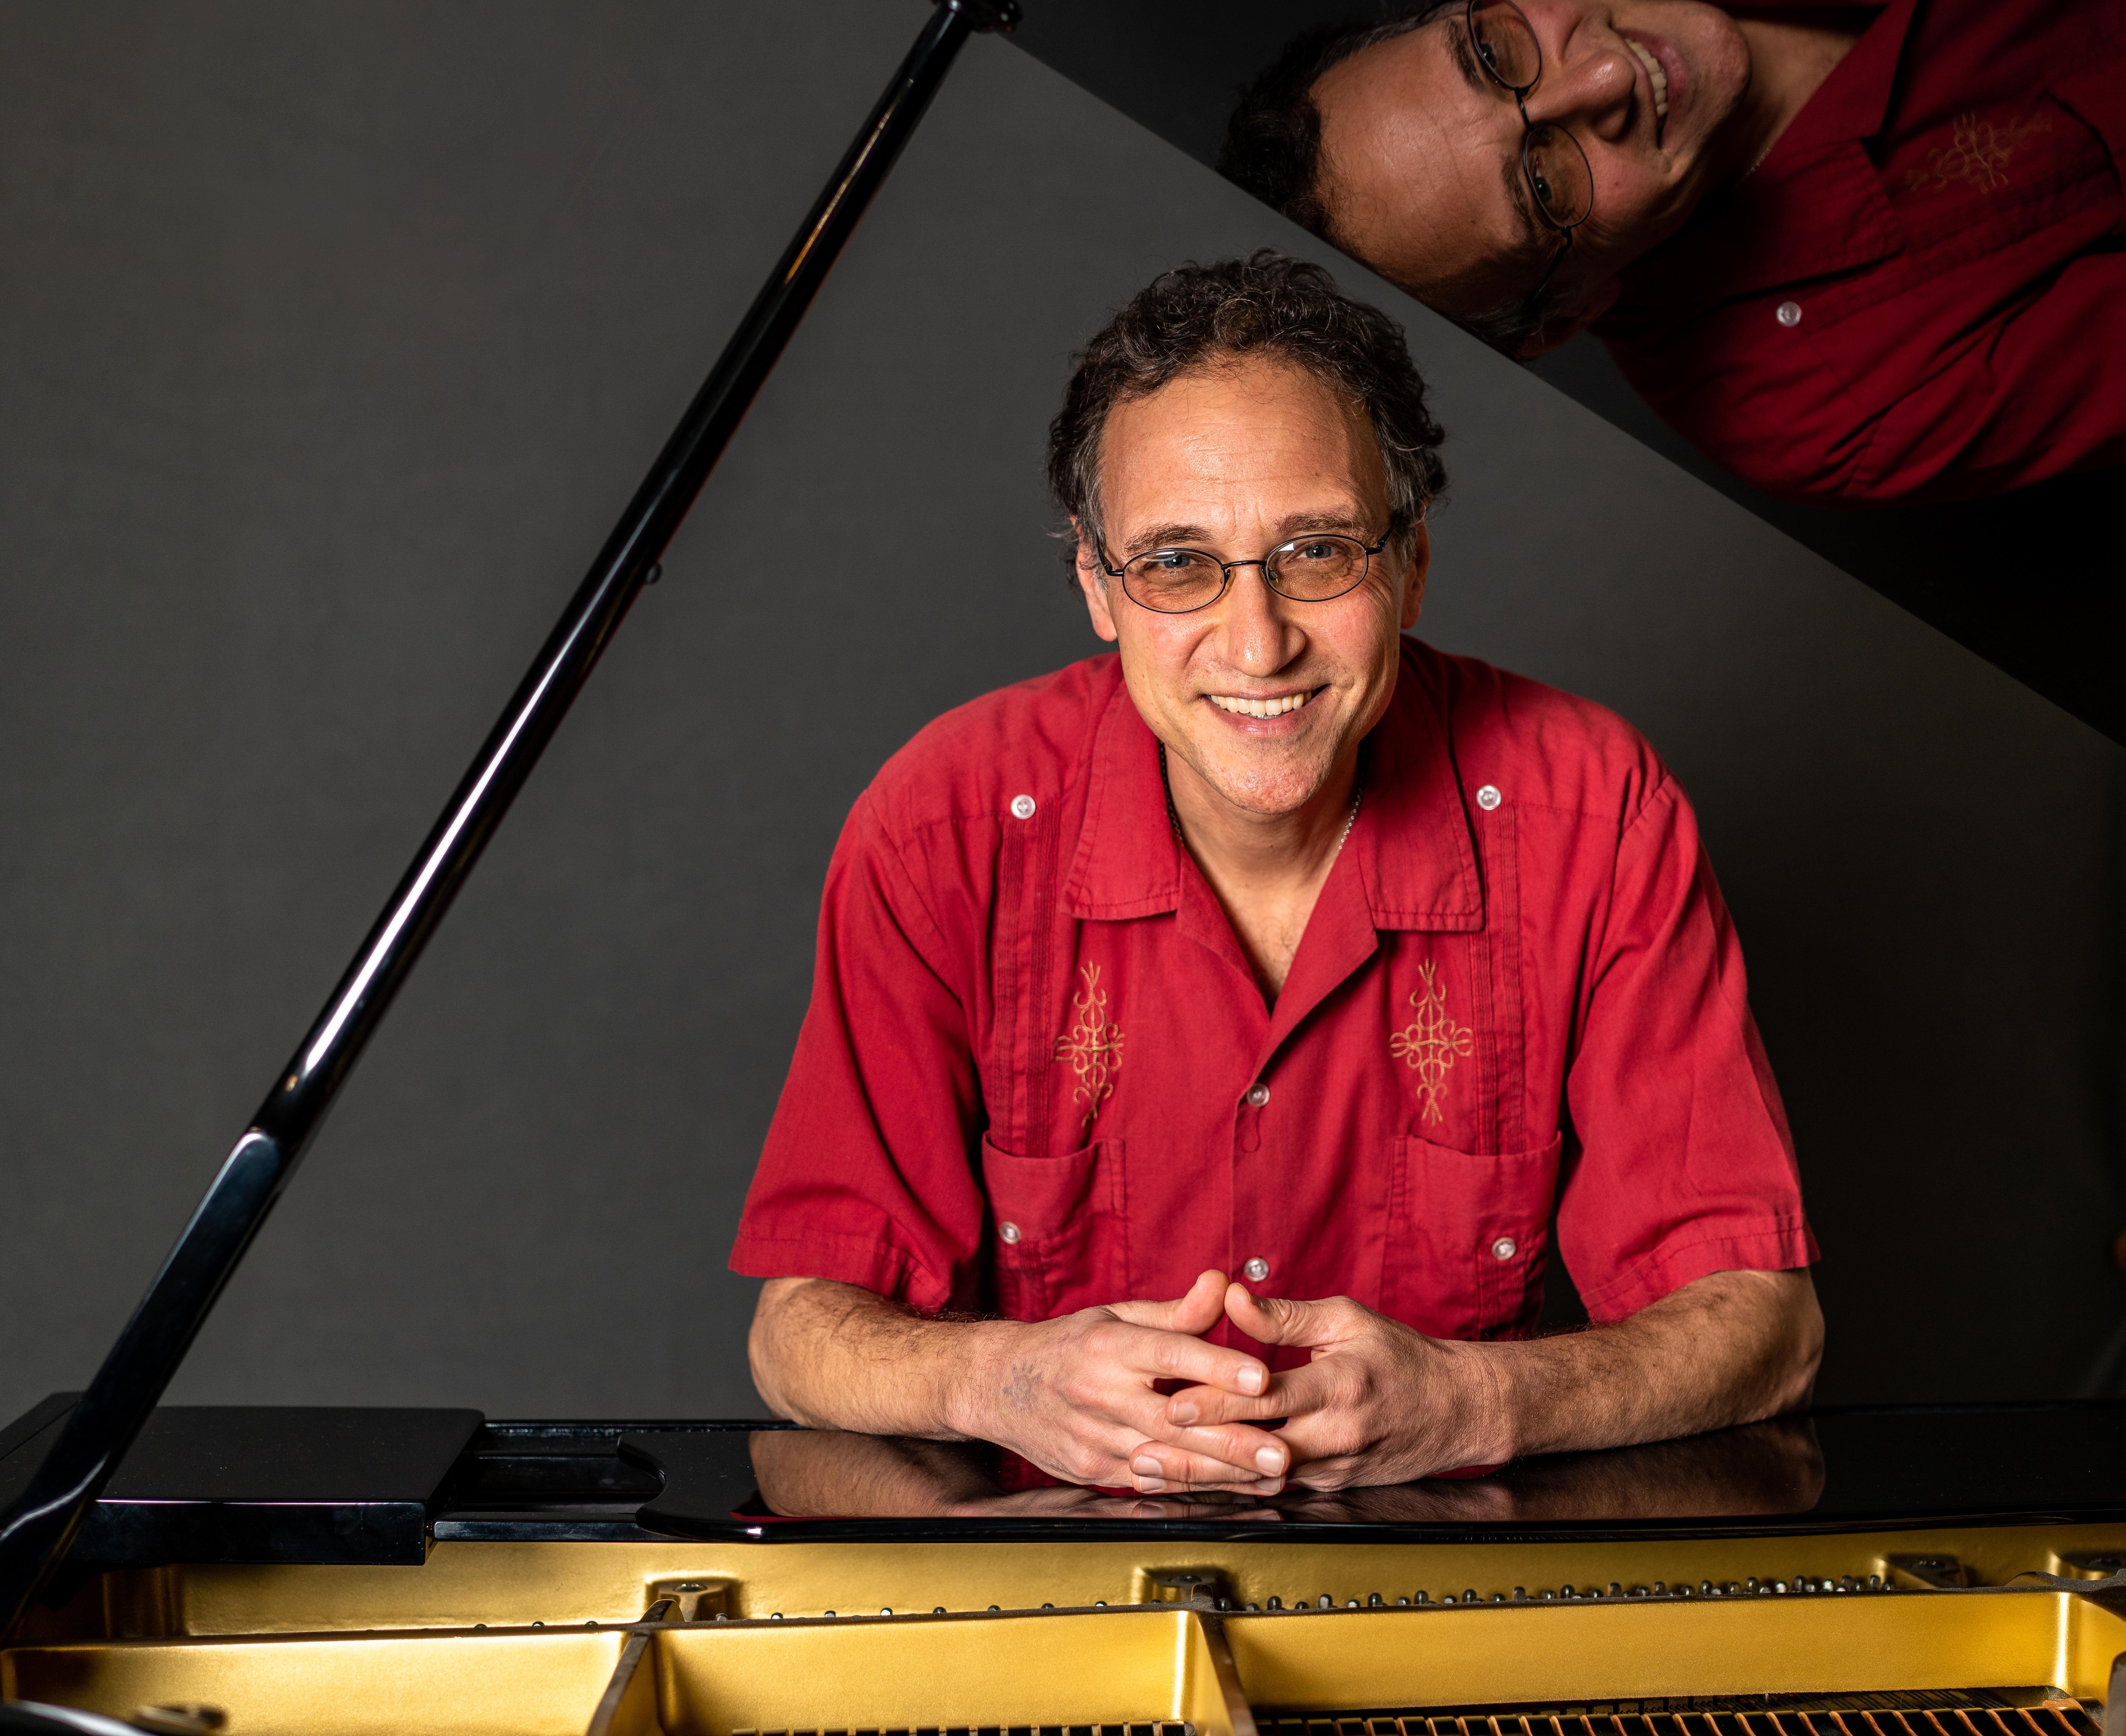 Paul Safar Remote Piano Recital Fundraiser for Cascadia Composers